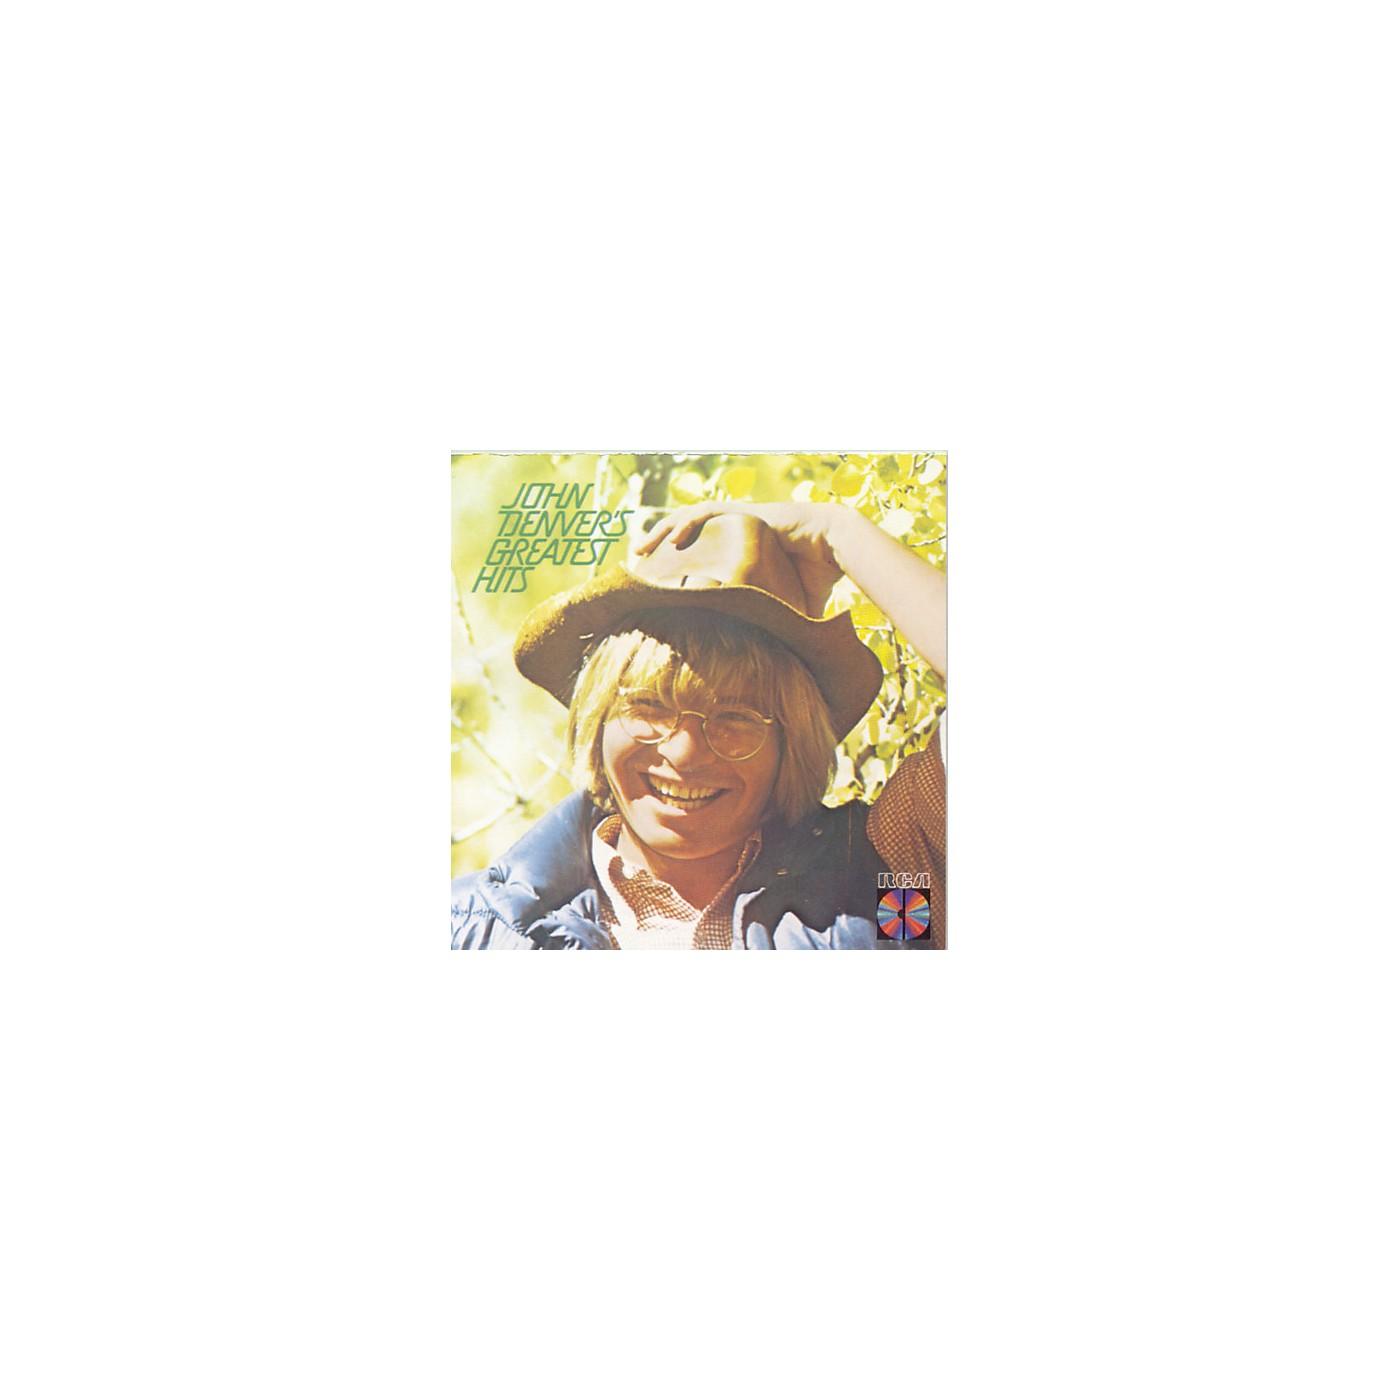 Alliance John Denver - Greatest Hits (CD) thumbnail